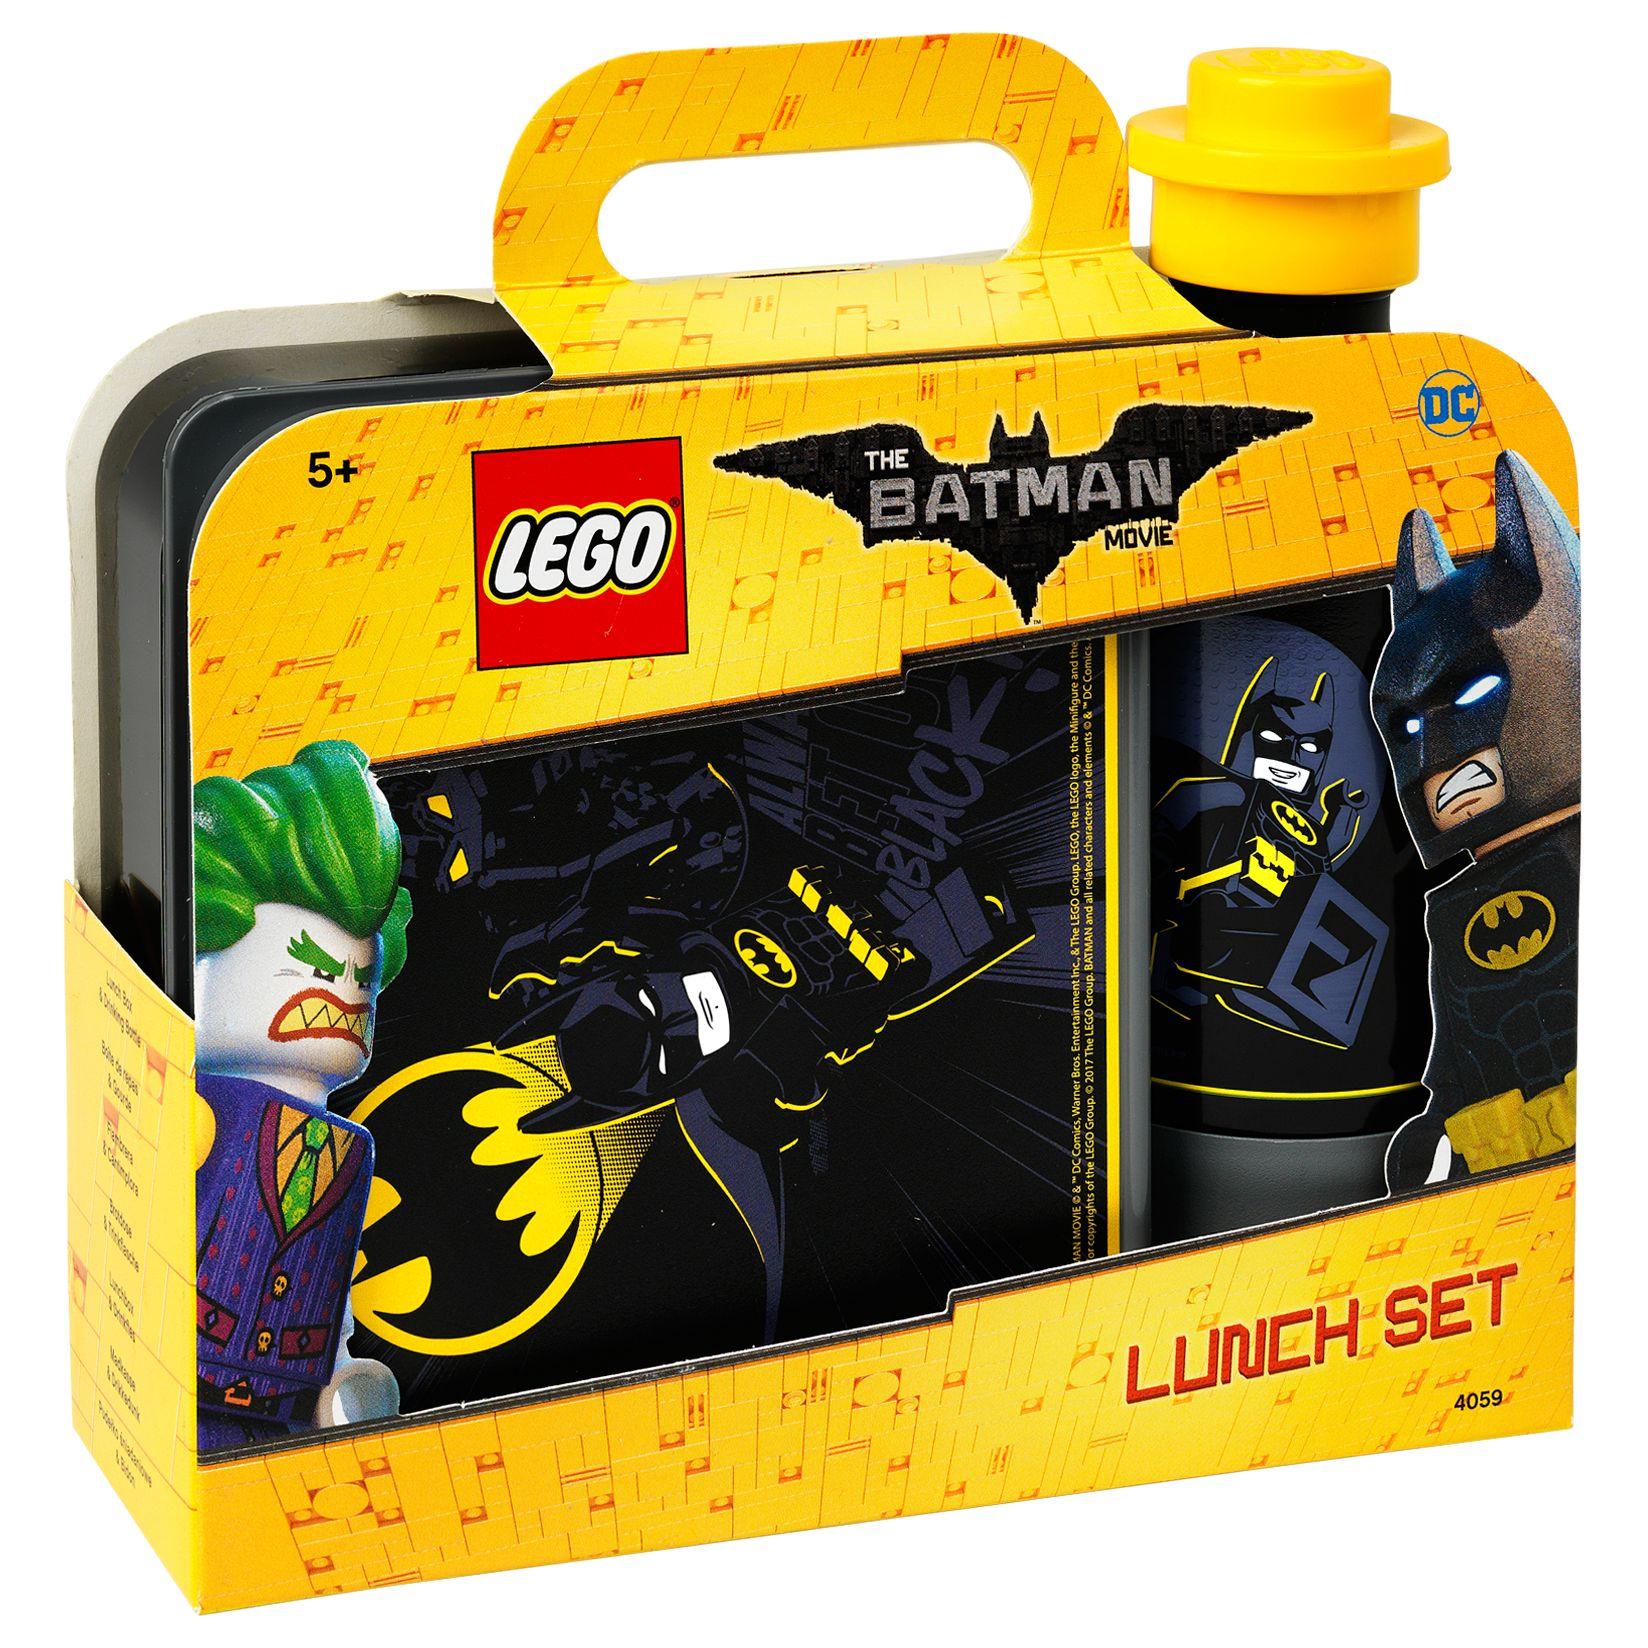 Lego LEGO The LEGO Batman Movie Lunch Set